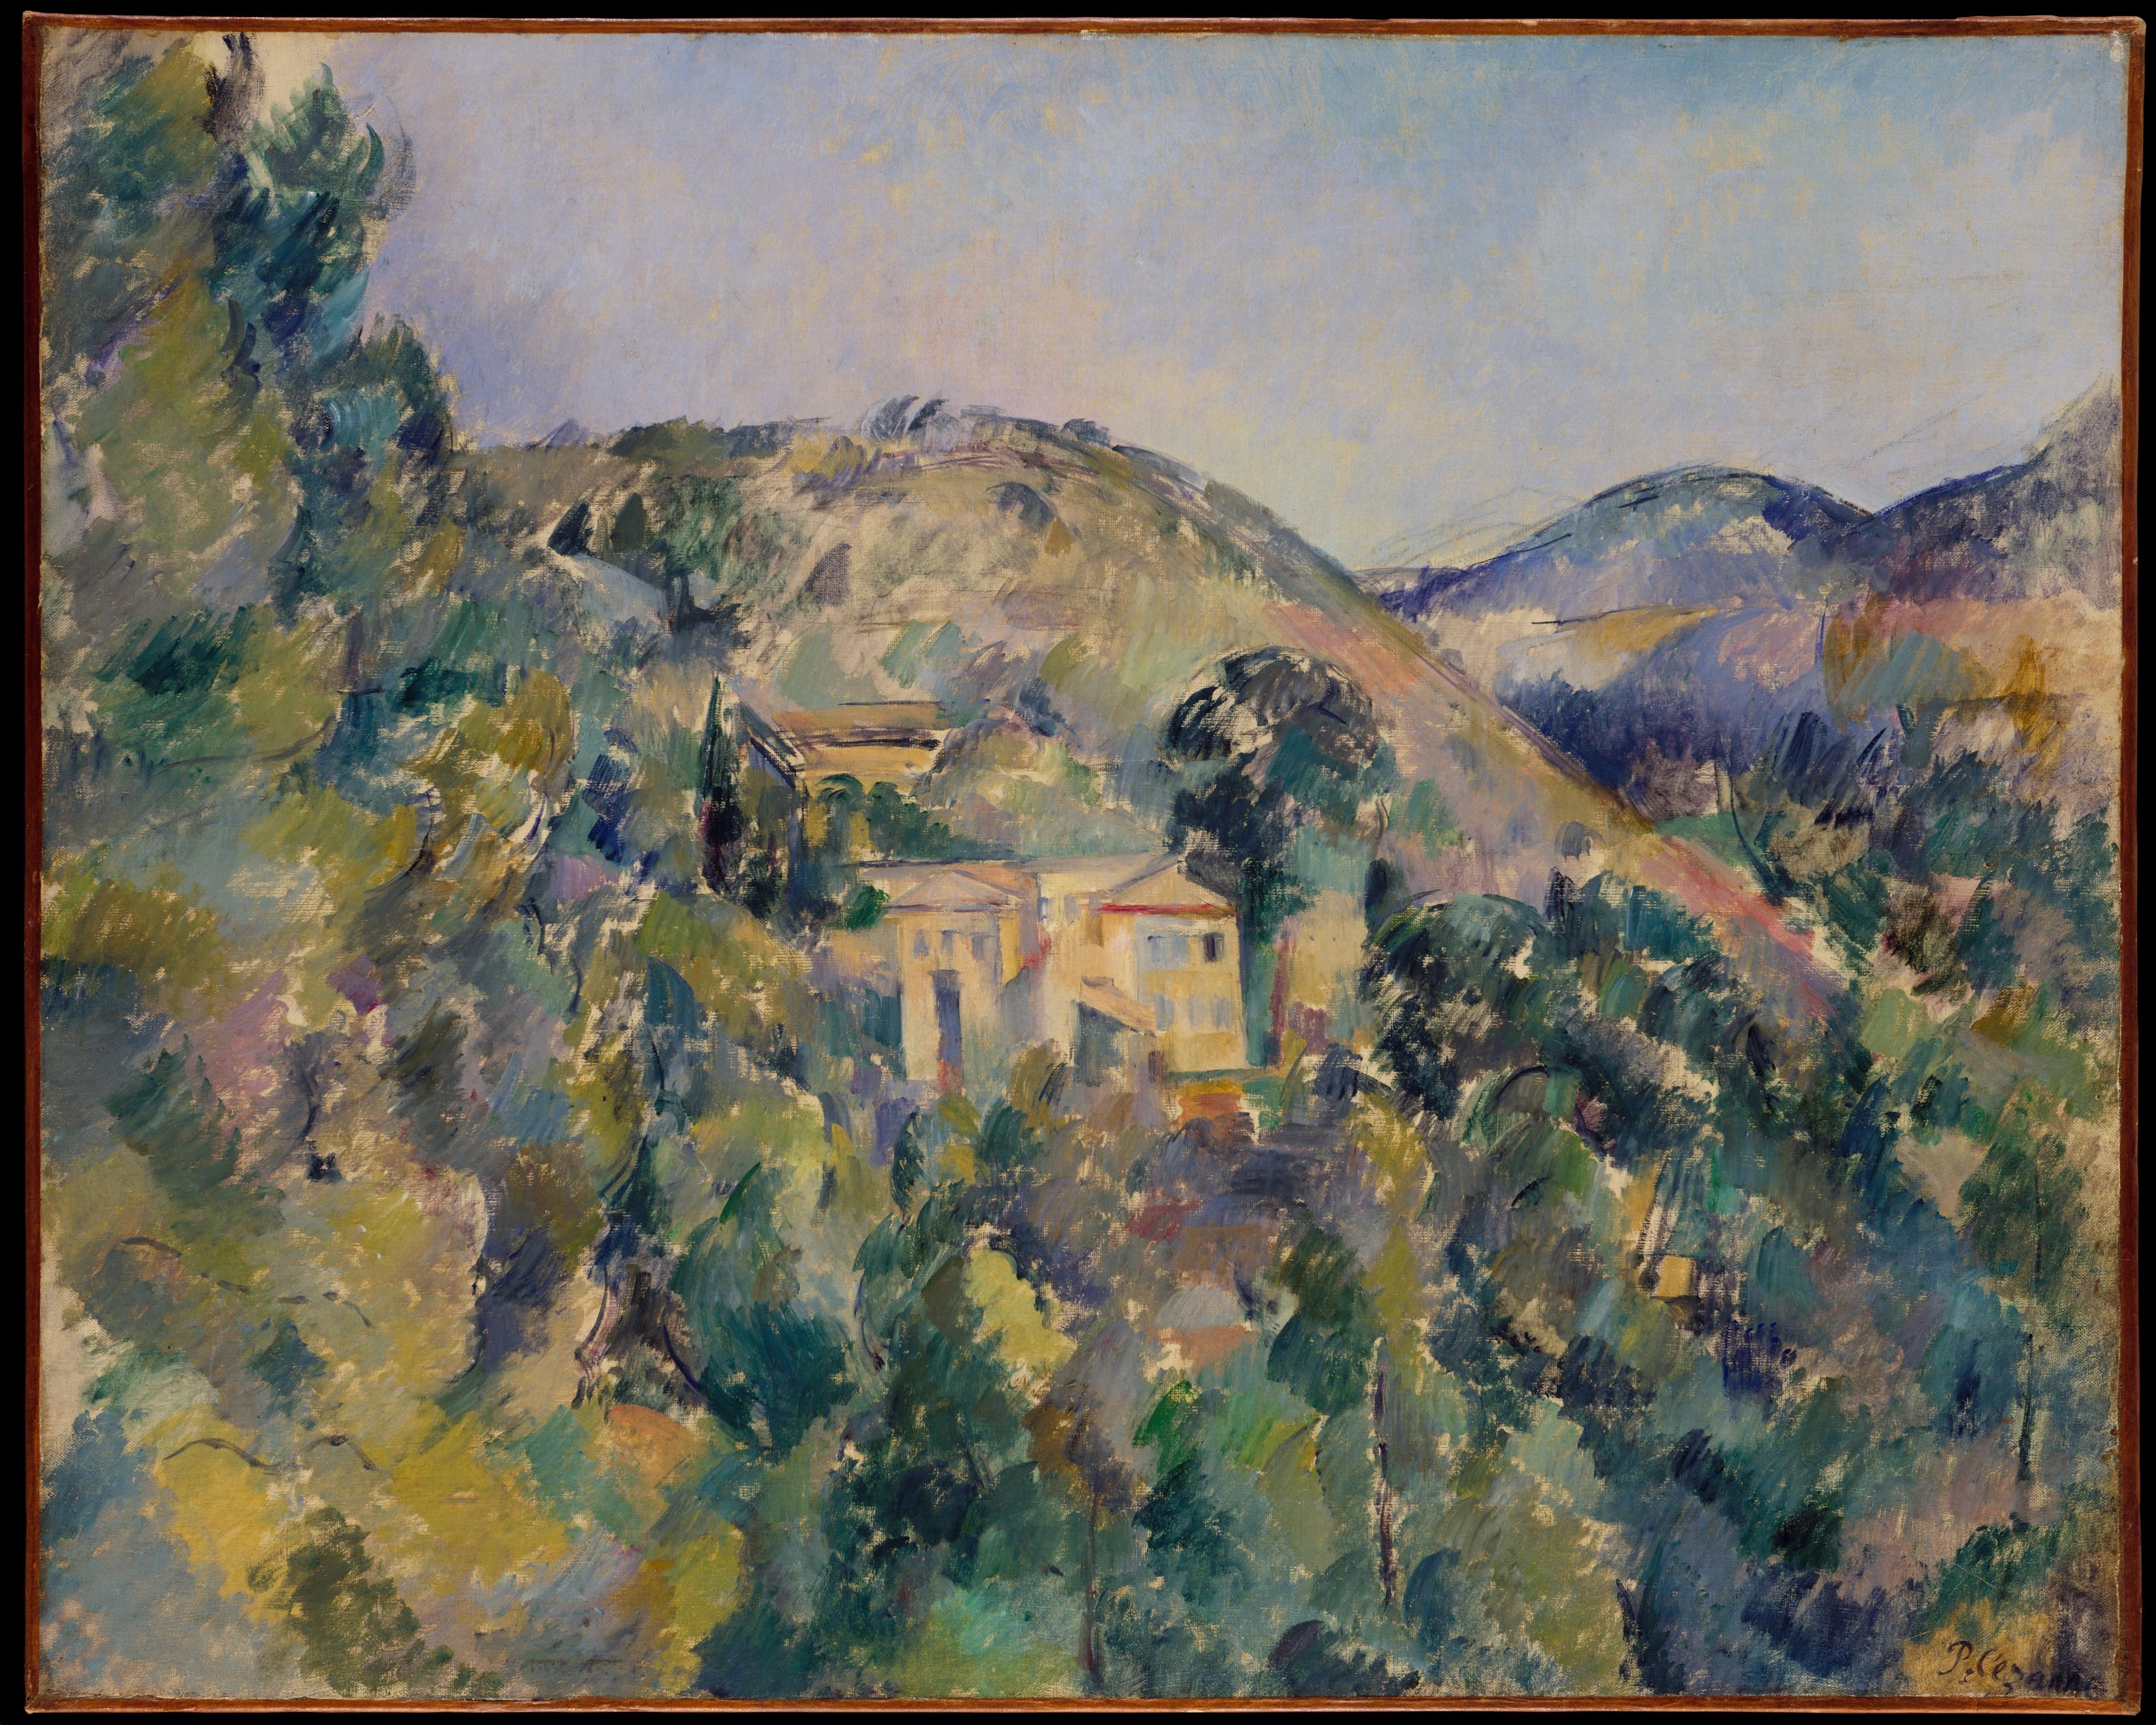 View of the Domaine Saint-Joseph Paul Cézanne (French, Aix-en-Provence 1839–1906 Aix-en-Provence)